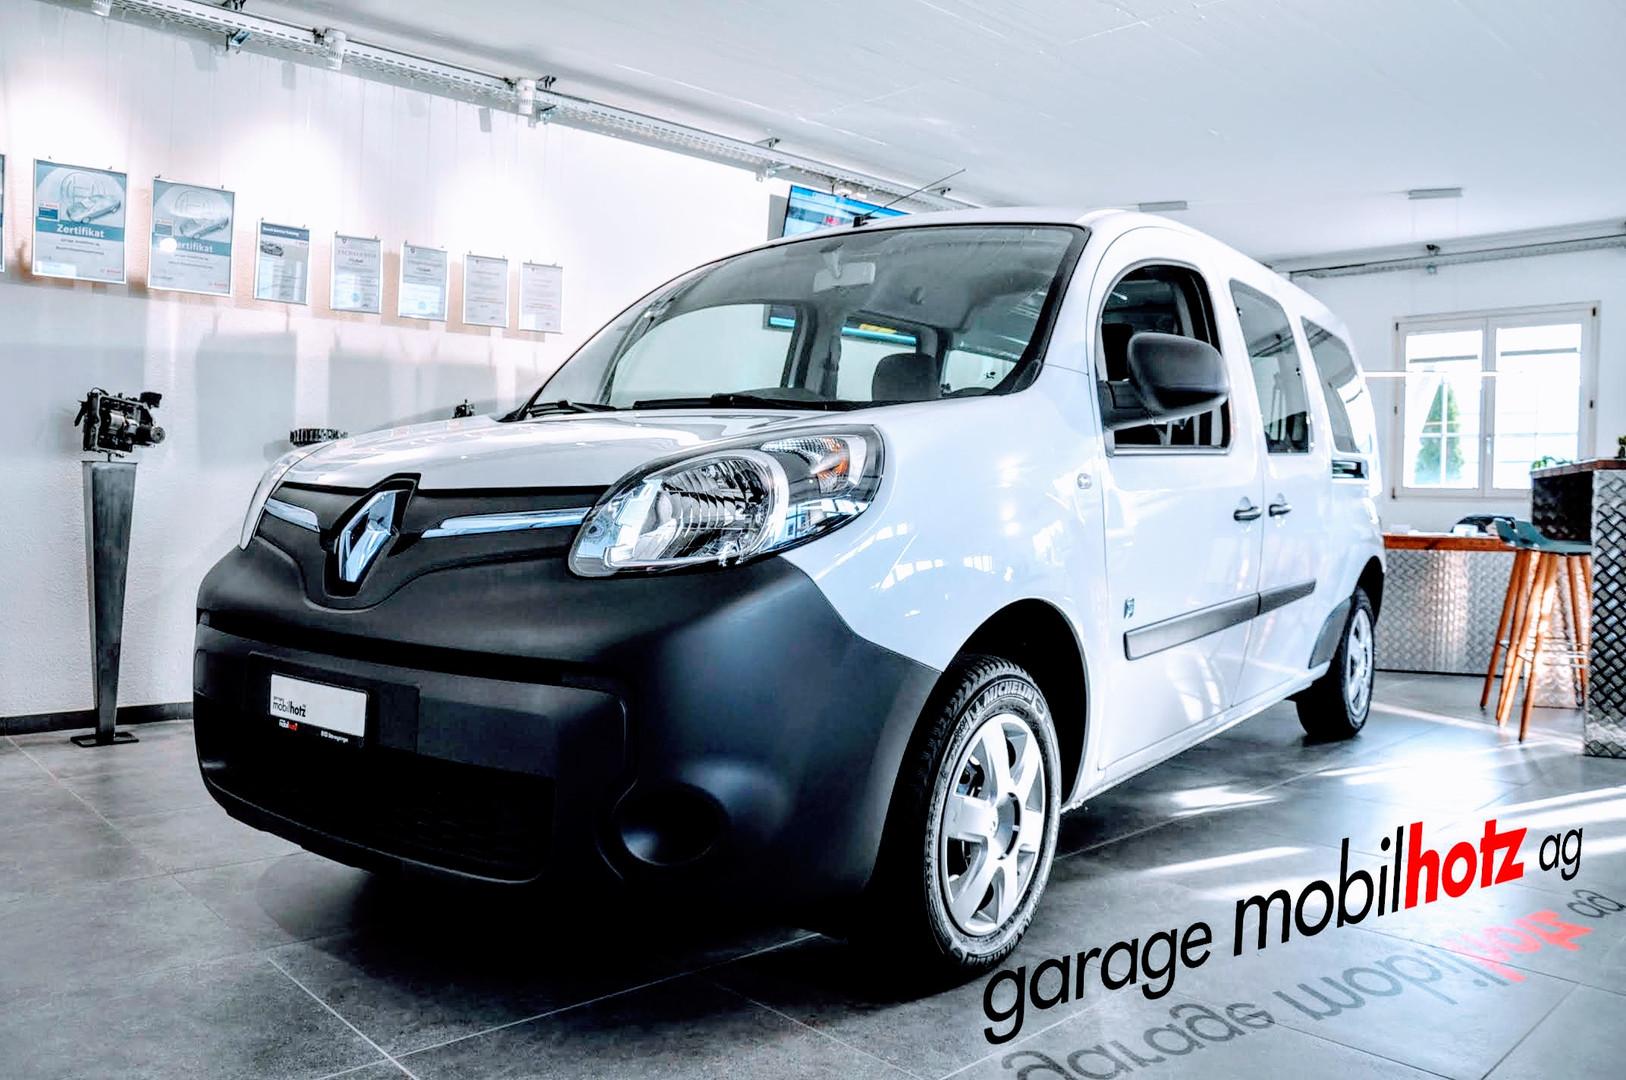 Kommissionsverkauf Renault Kangoo Elektr